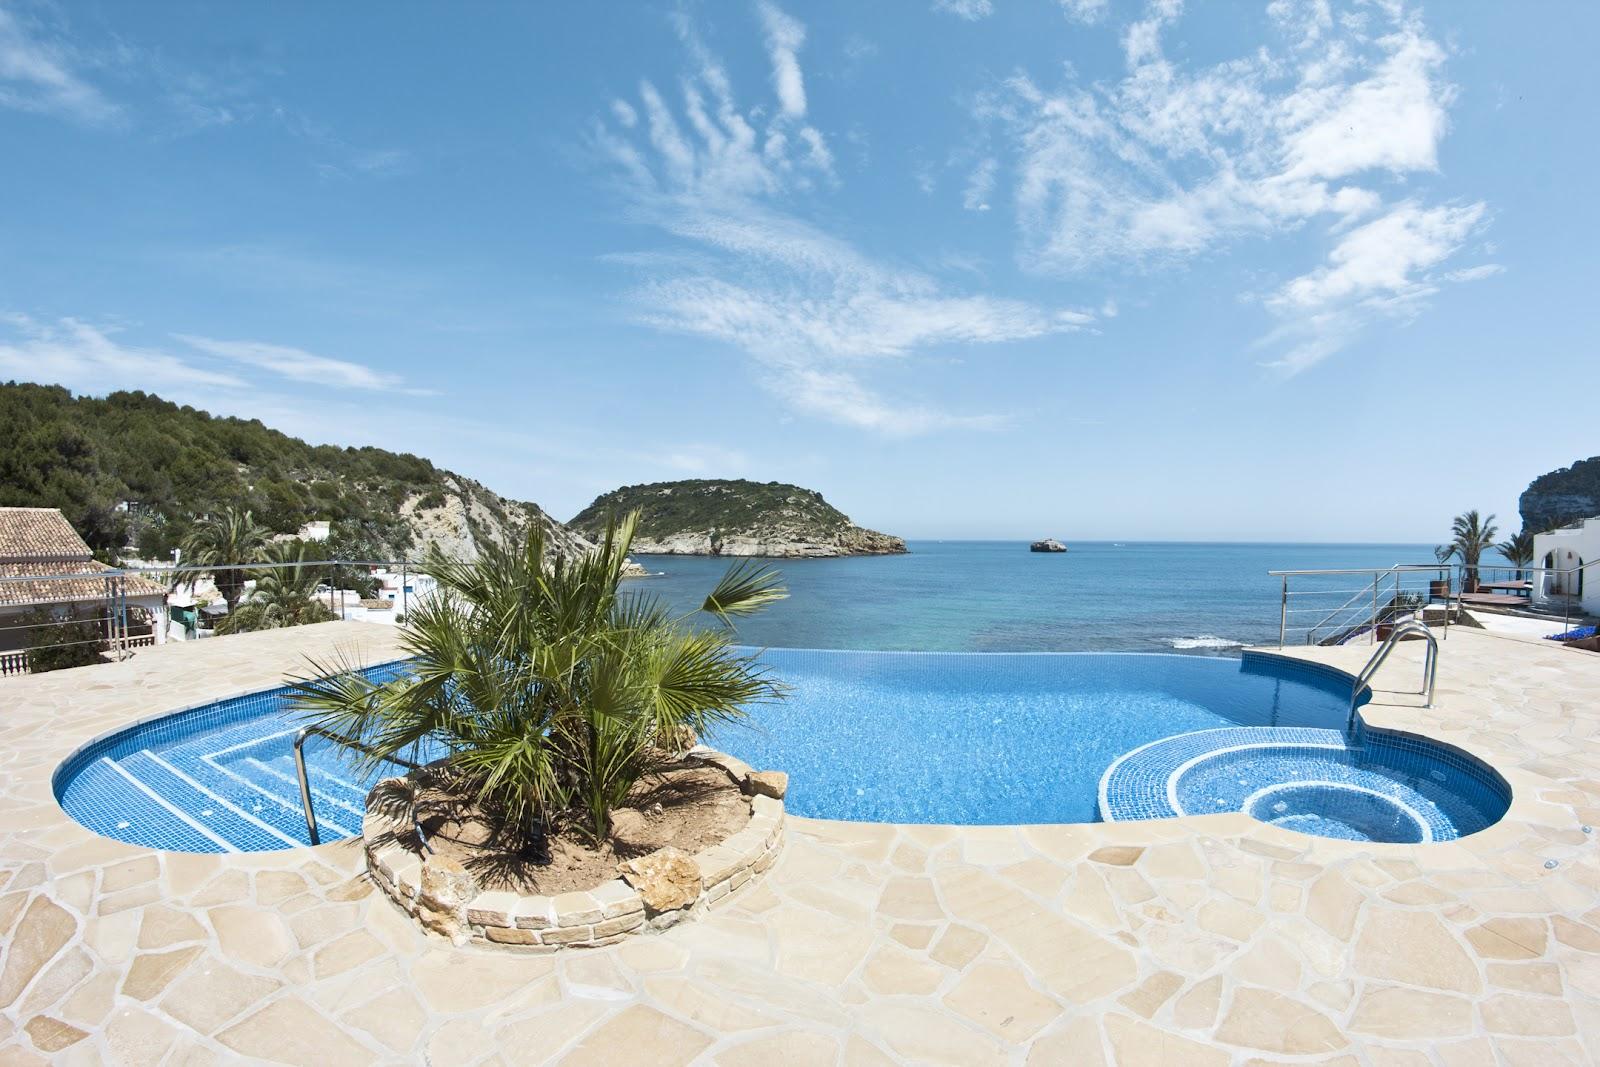 Fase final concurso ipool2012 a la mejor piscina de for Que piscina es mejor